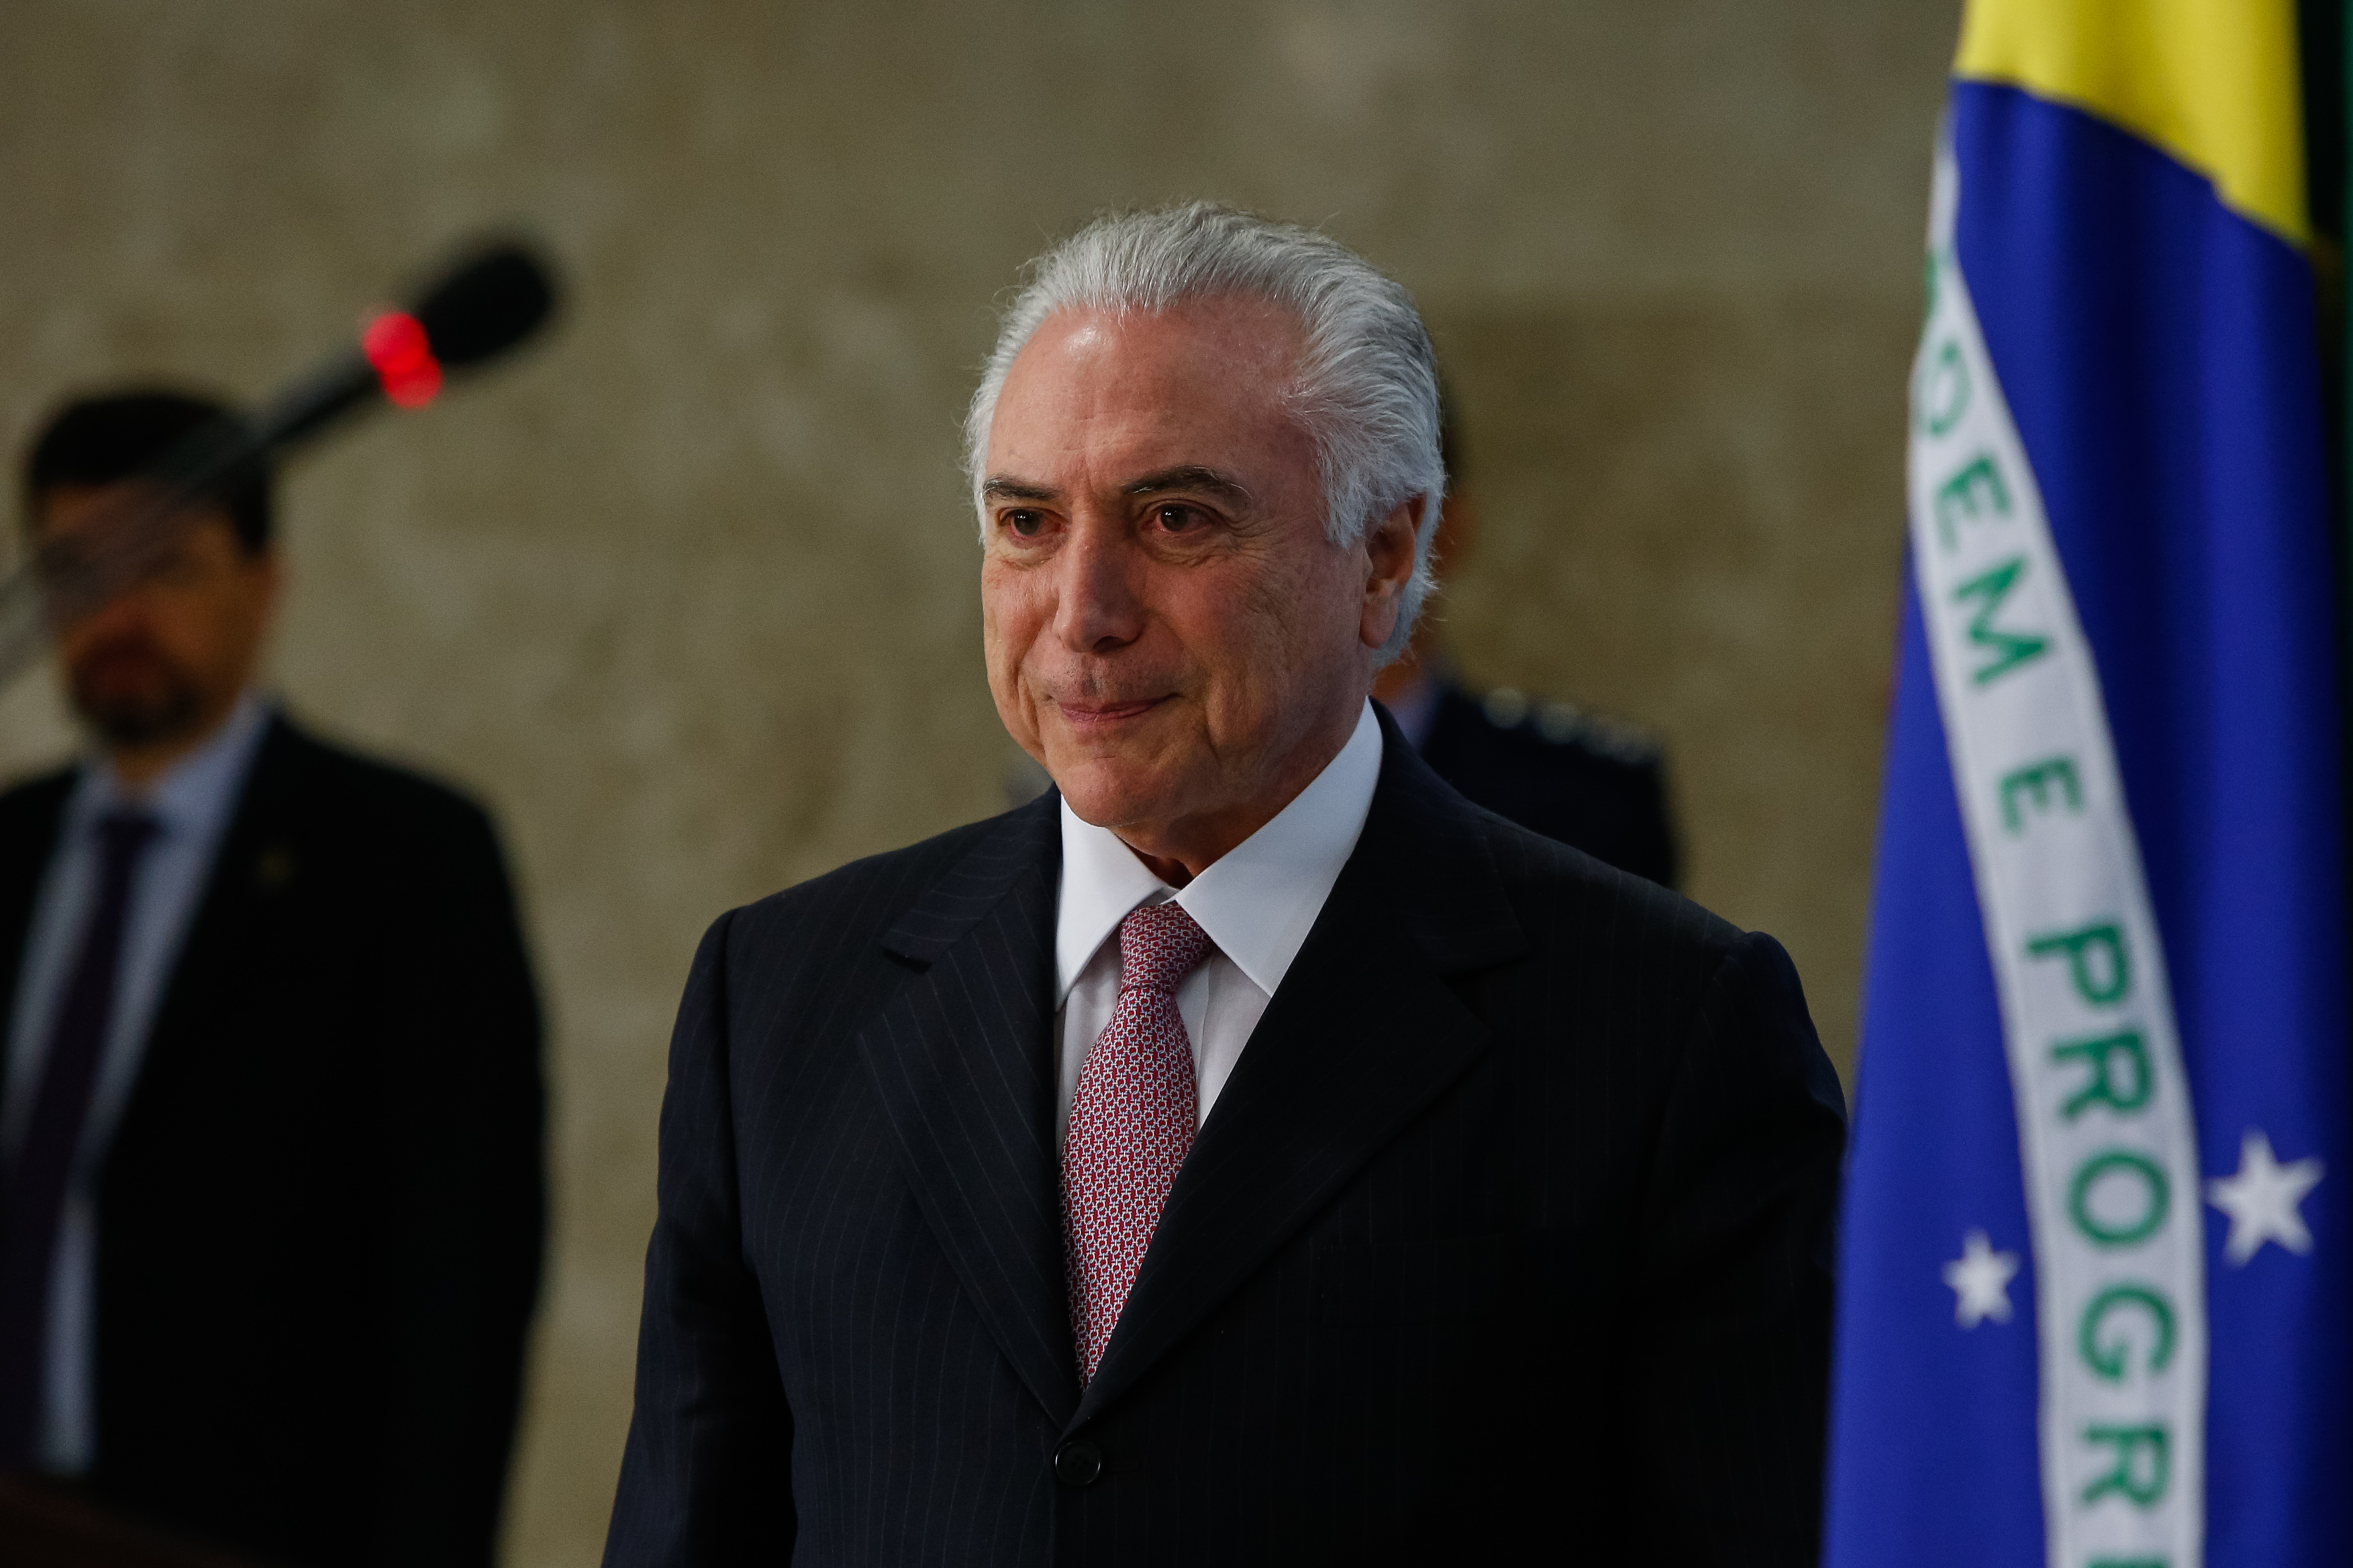 IMAGEM: As suspeitas do Fisco sobre a empresa do amigo de Temer